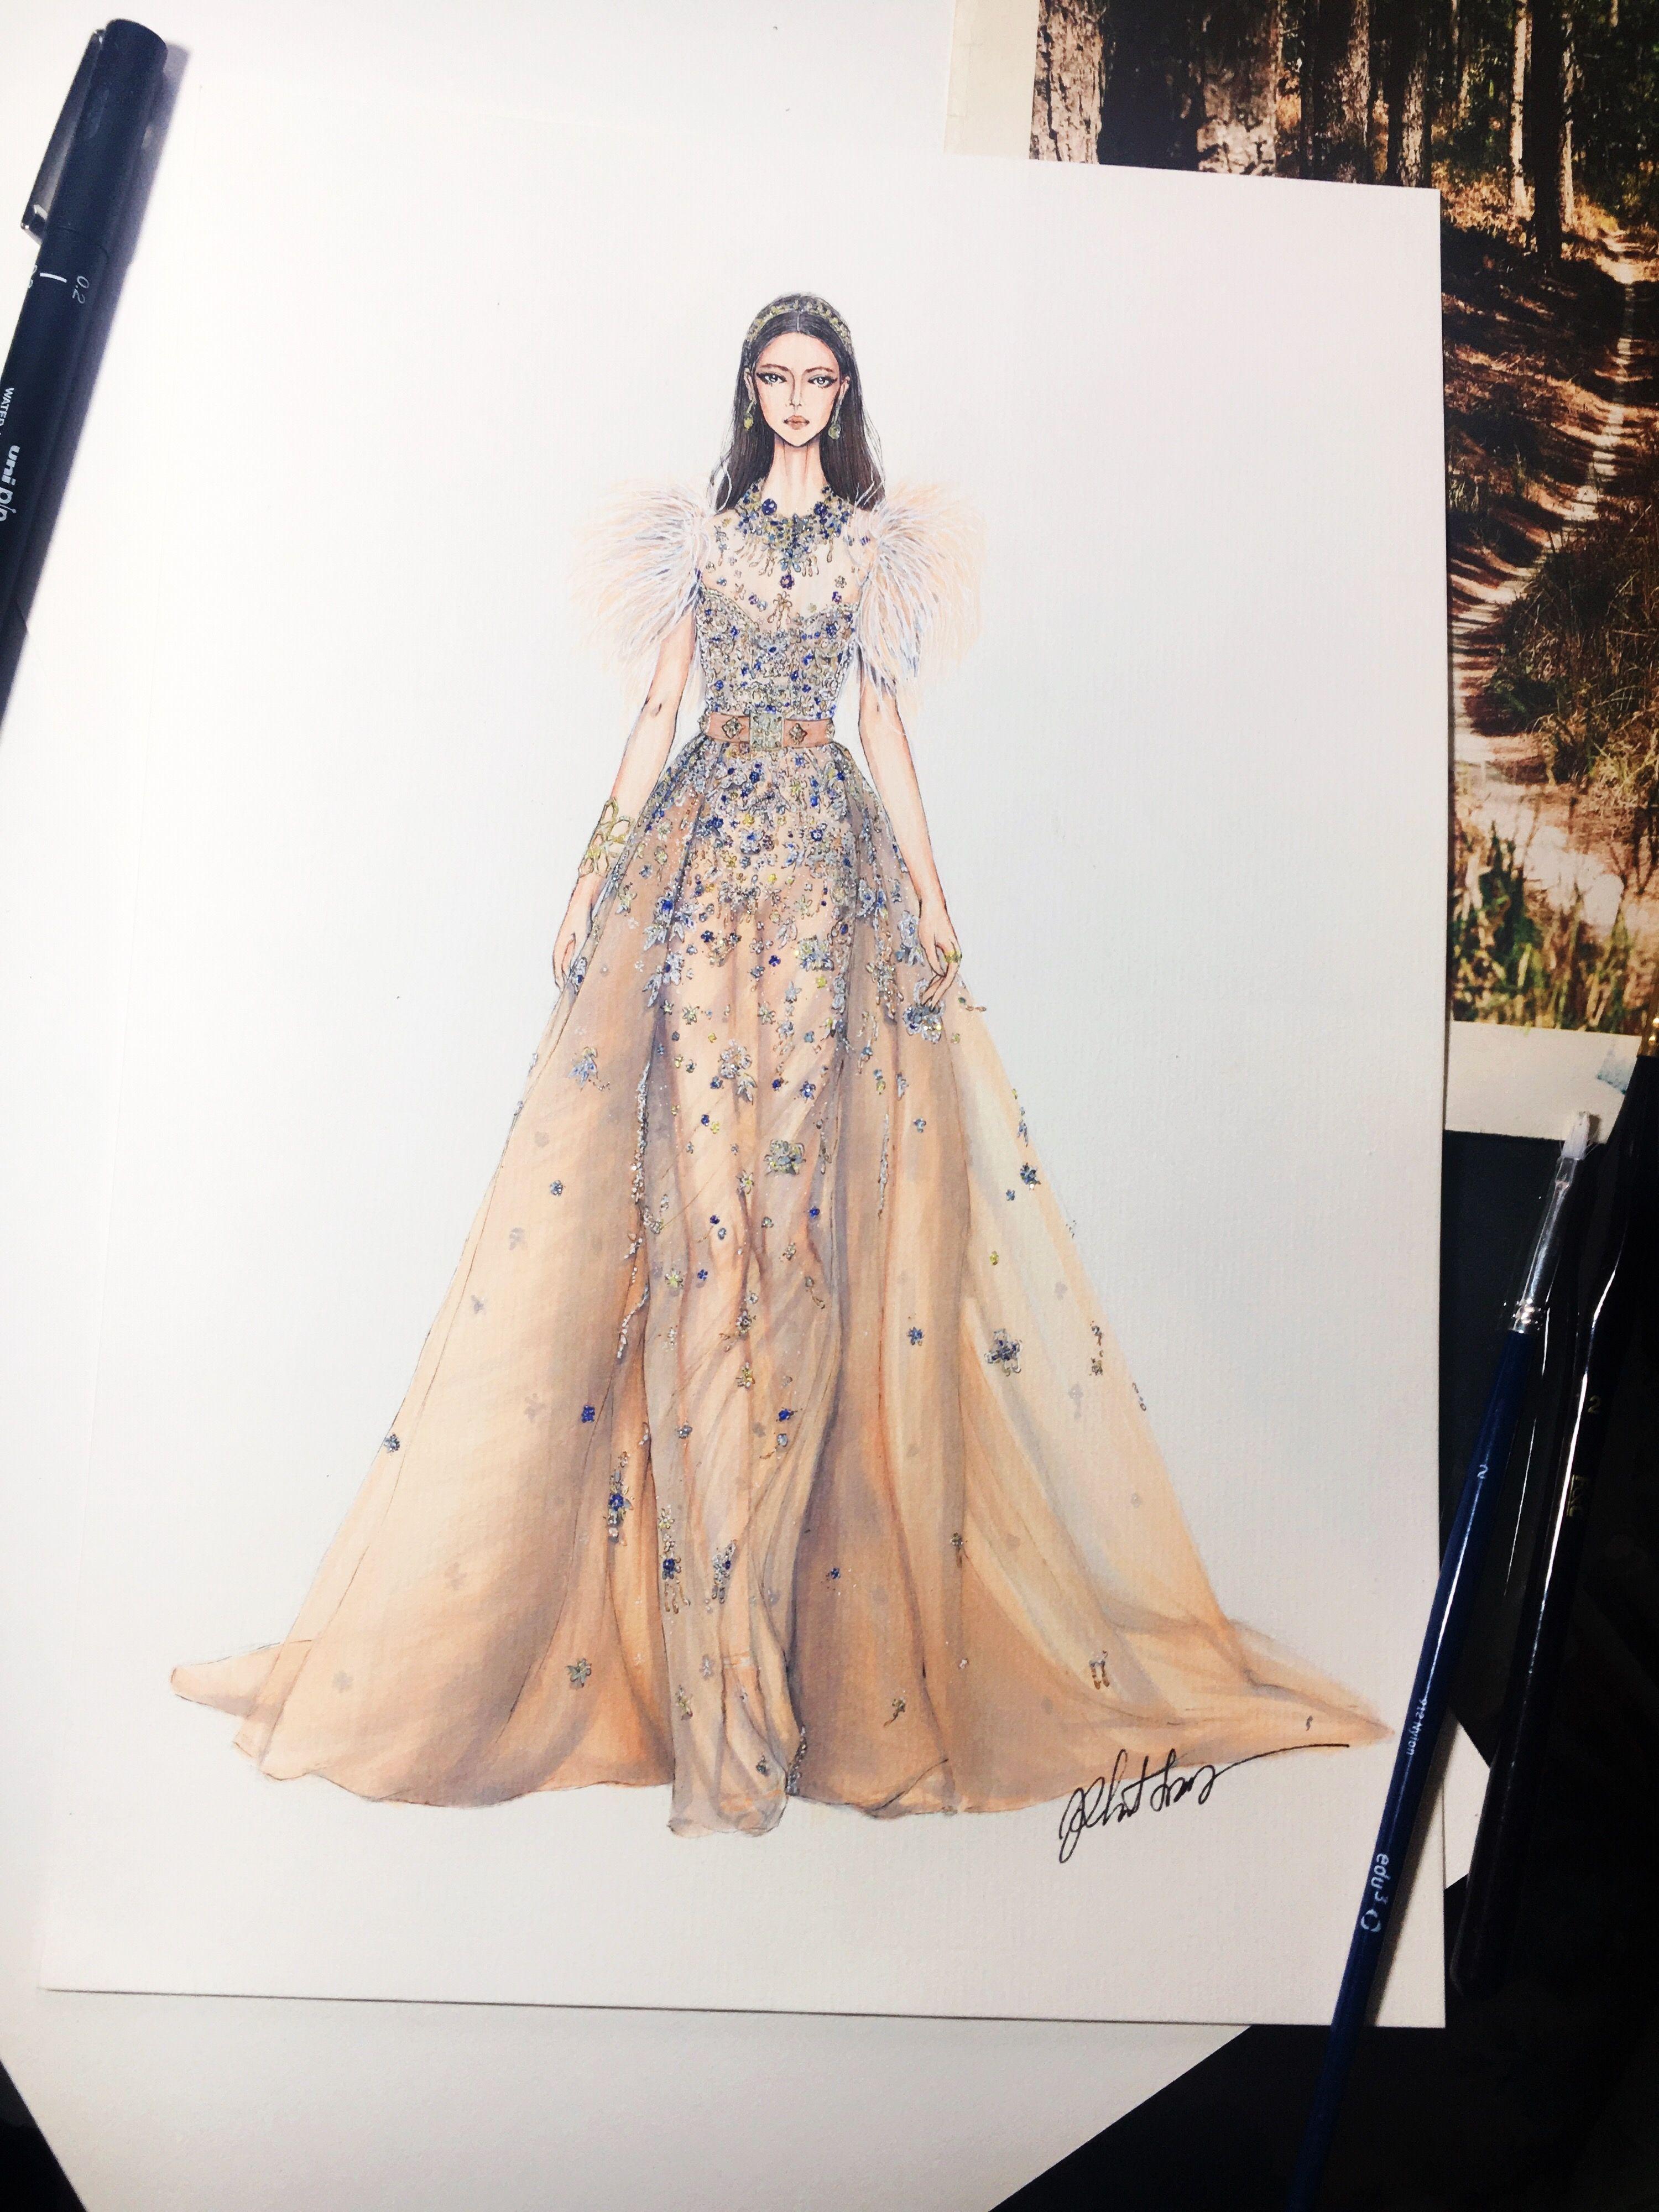 Elie Saab Sketch Sketching Draw Drawing Fashion Fashionsketch Fashiondrawing Fashion Illustration Dresses Fashion Illustration Fashion Design Sketches